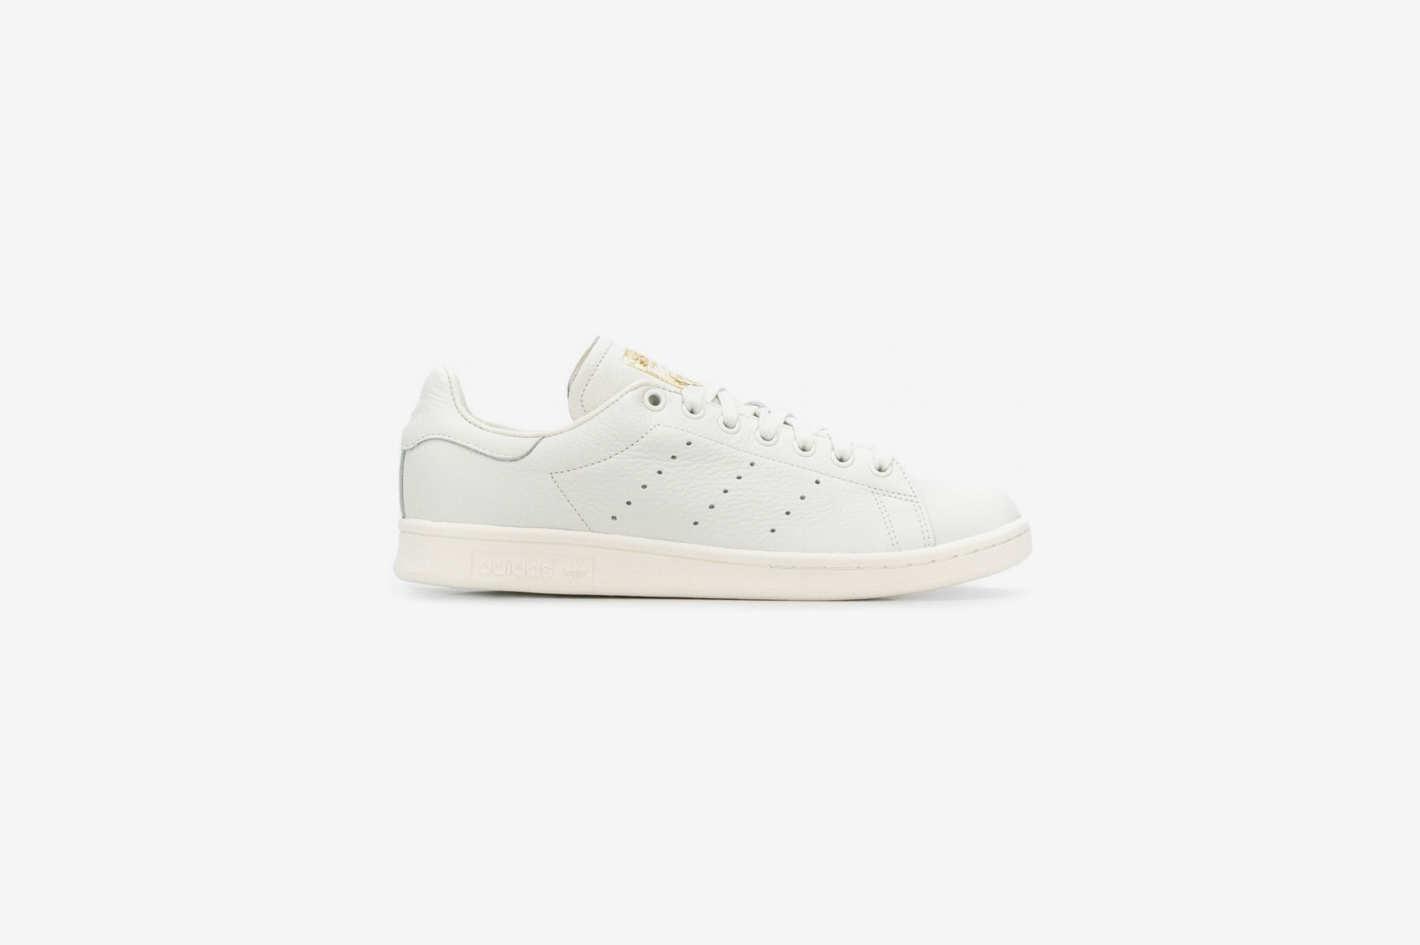 Adidas Stan Smith Premium Sneakers